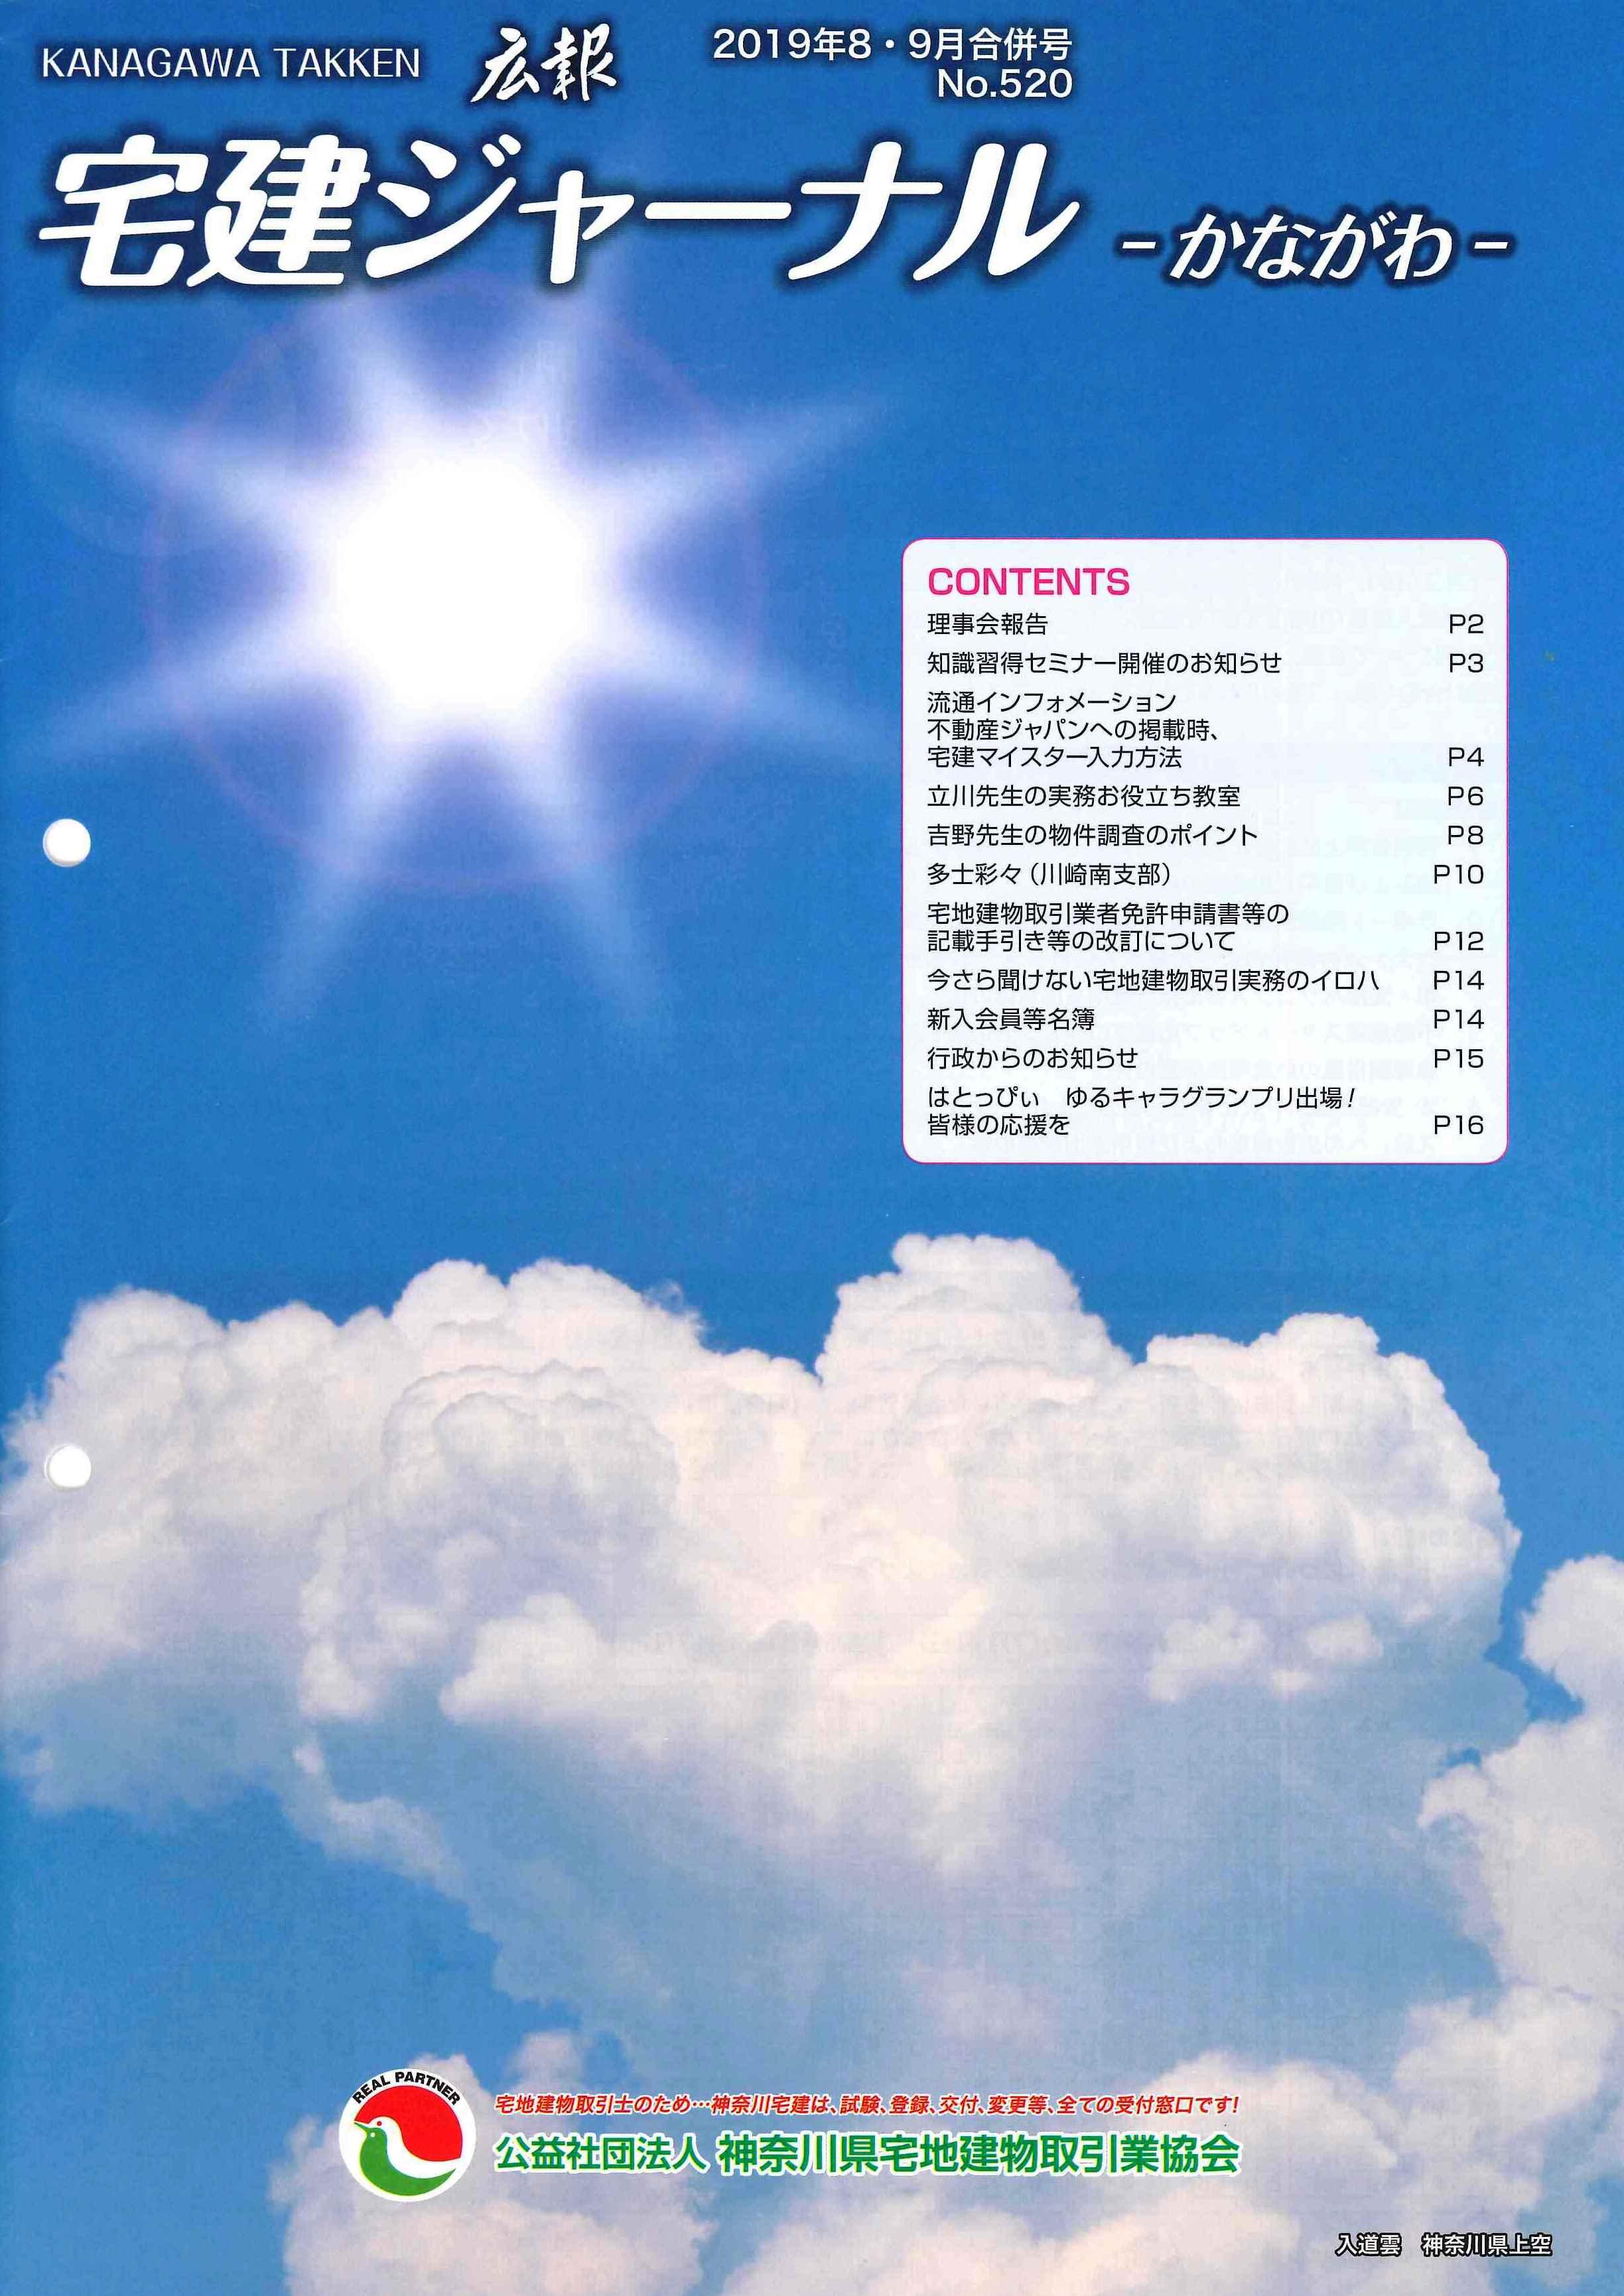 201908-09_宅建ジャーナルかながわ_不動産キャリアパーソン表彰 (2)